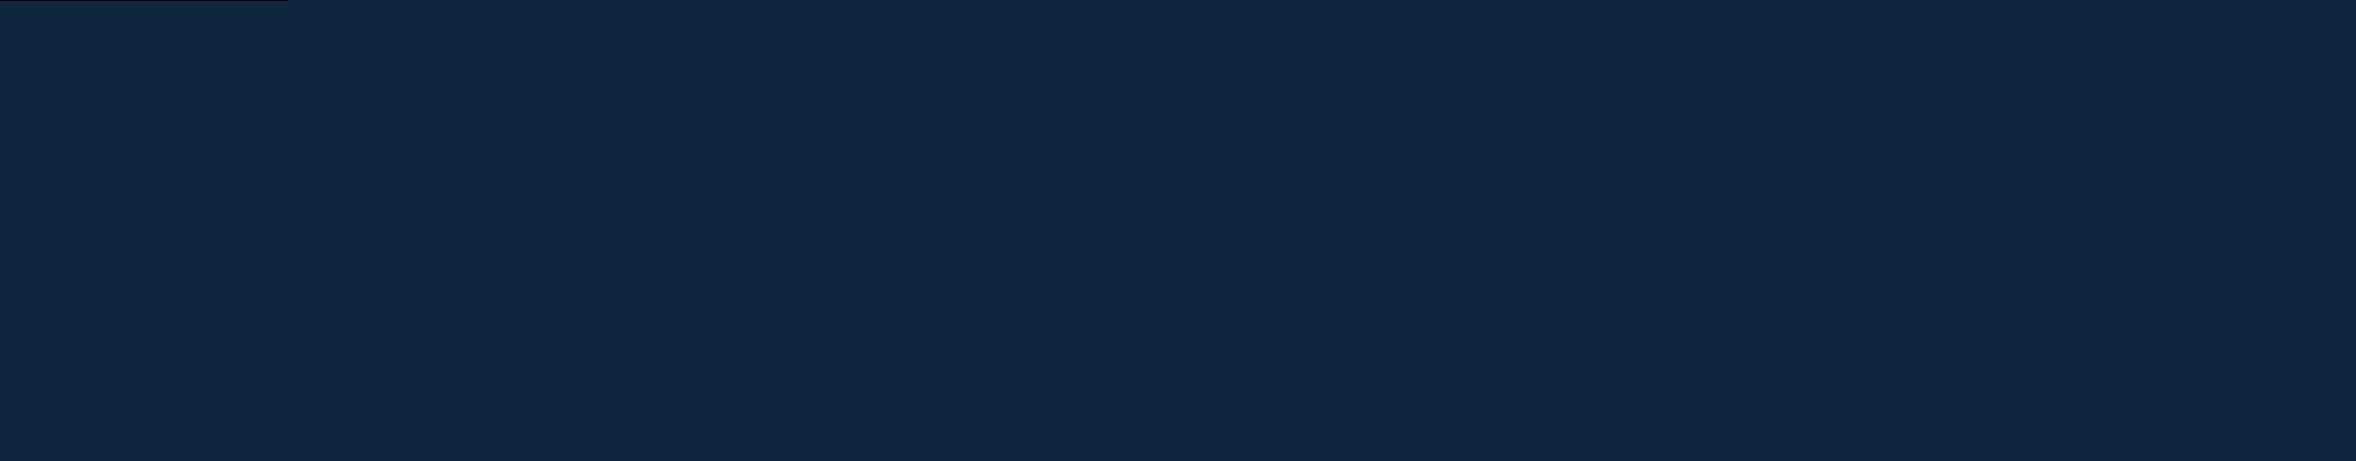 Statista Aussteller CMCX 2017